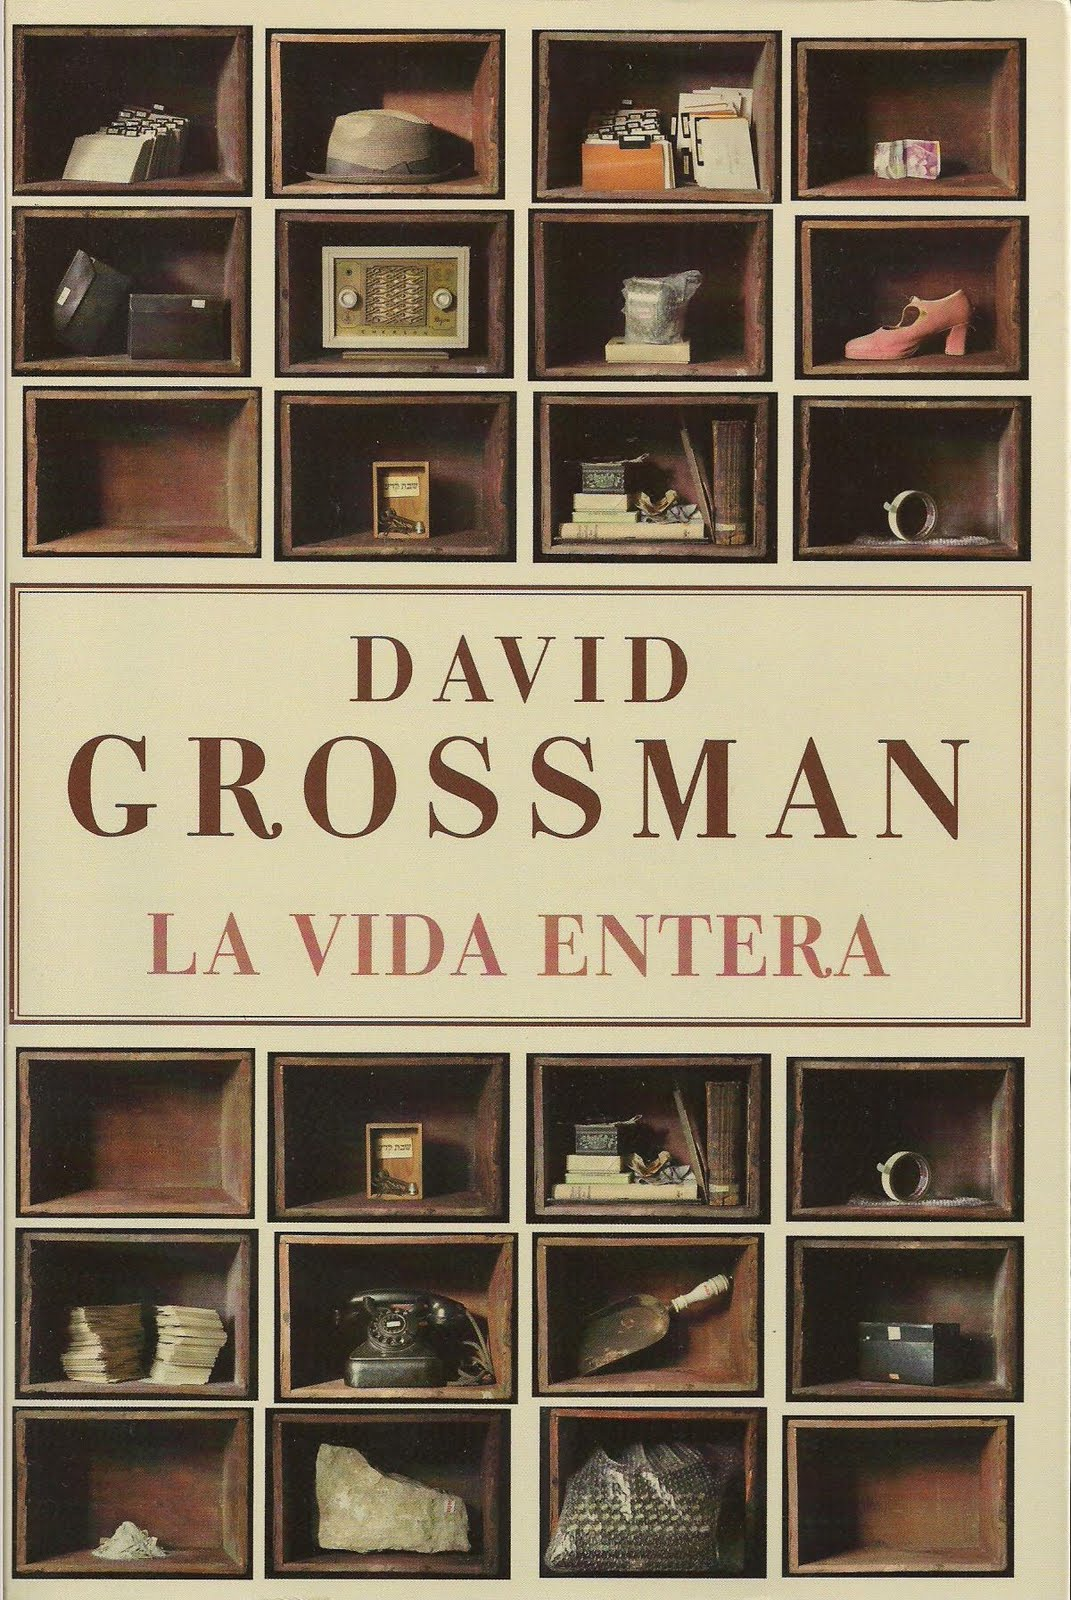 El niño vampiro lee: La vida entera, de David Grossman